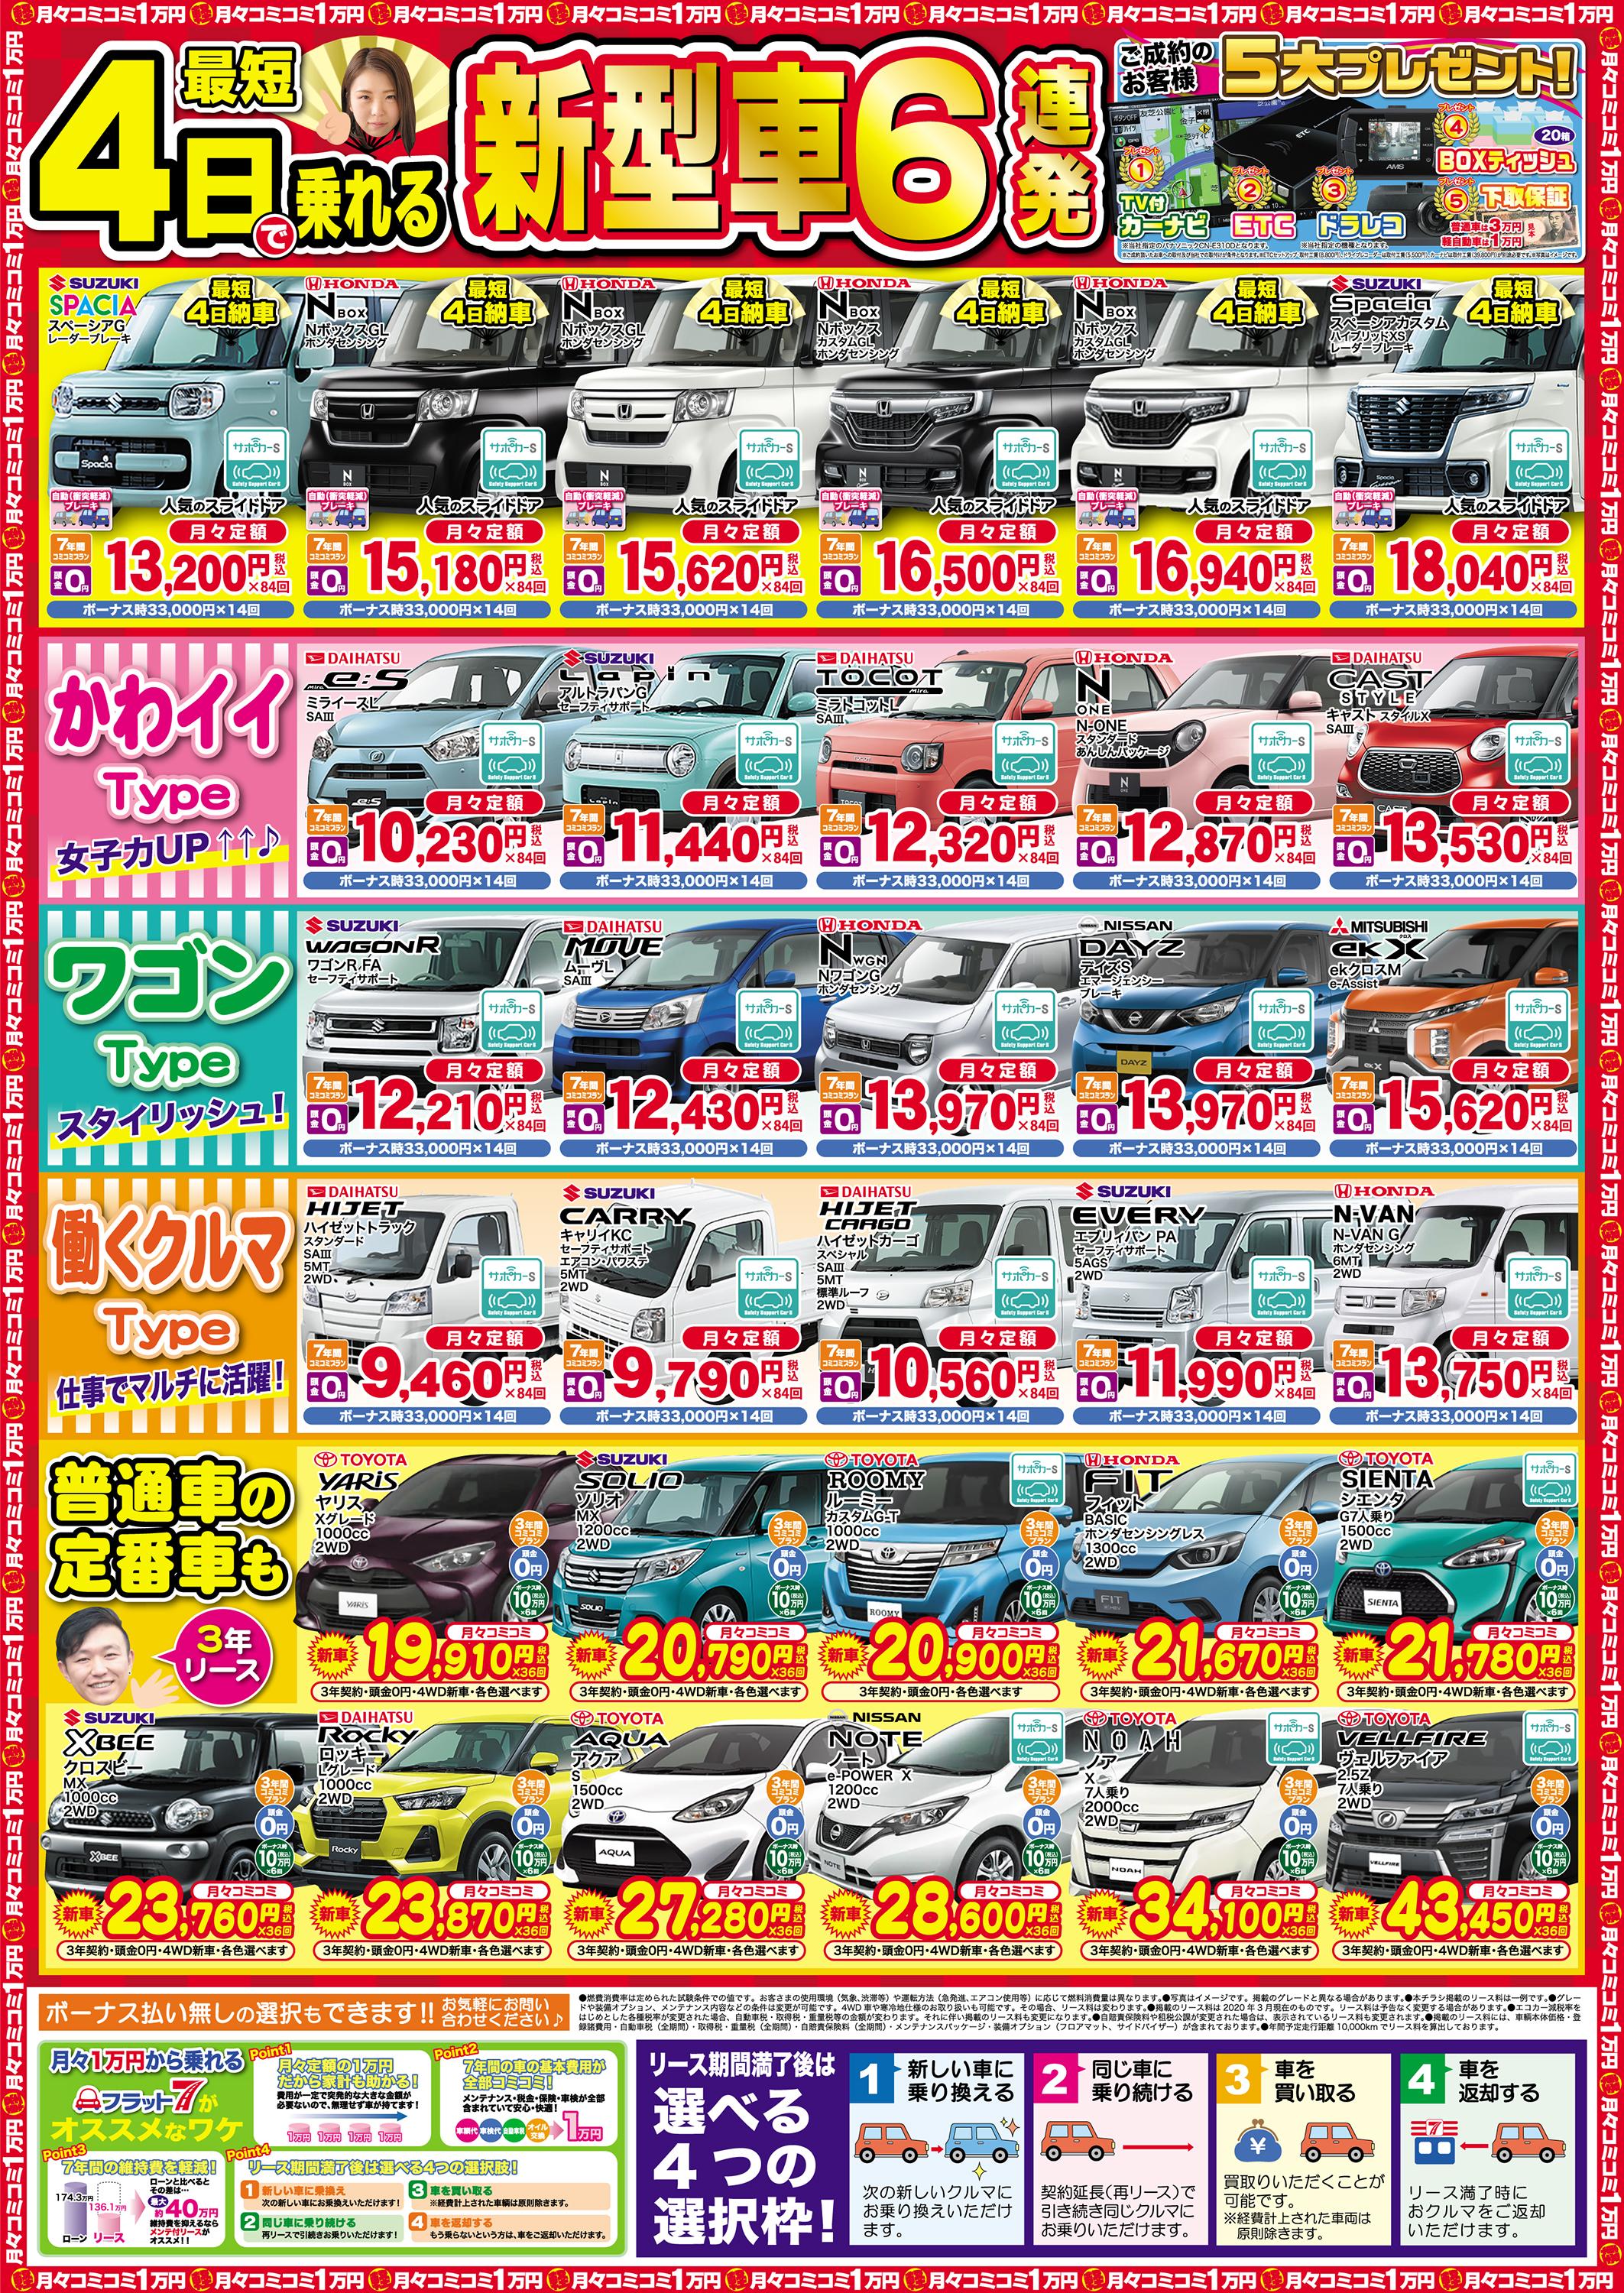 【フラット7】月々コミコミ1.1万円〜